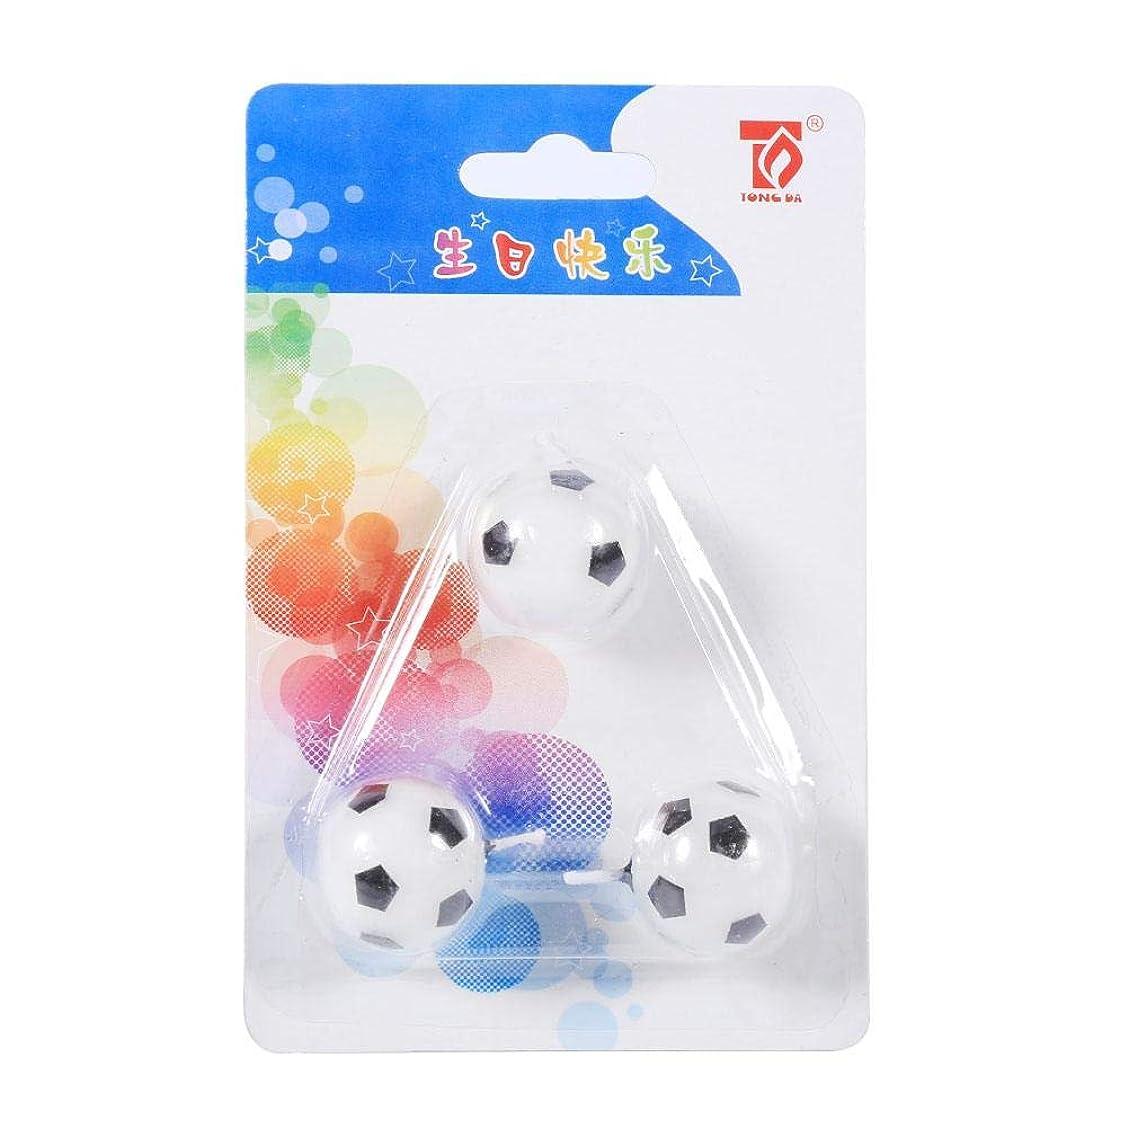 壁紙きょうだいオフェンスEboxer キャンドル サッカーボールキャンドル キャンドル誕生日 子供向 3個入 サッカーボールの形 誕生日 パーティケーキのキャンドル 飾り物 可愛い